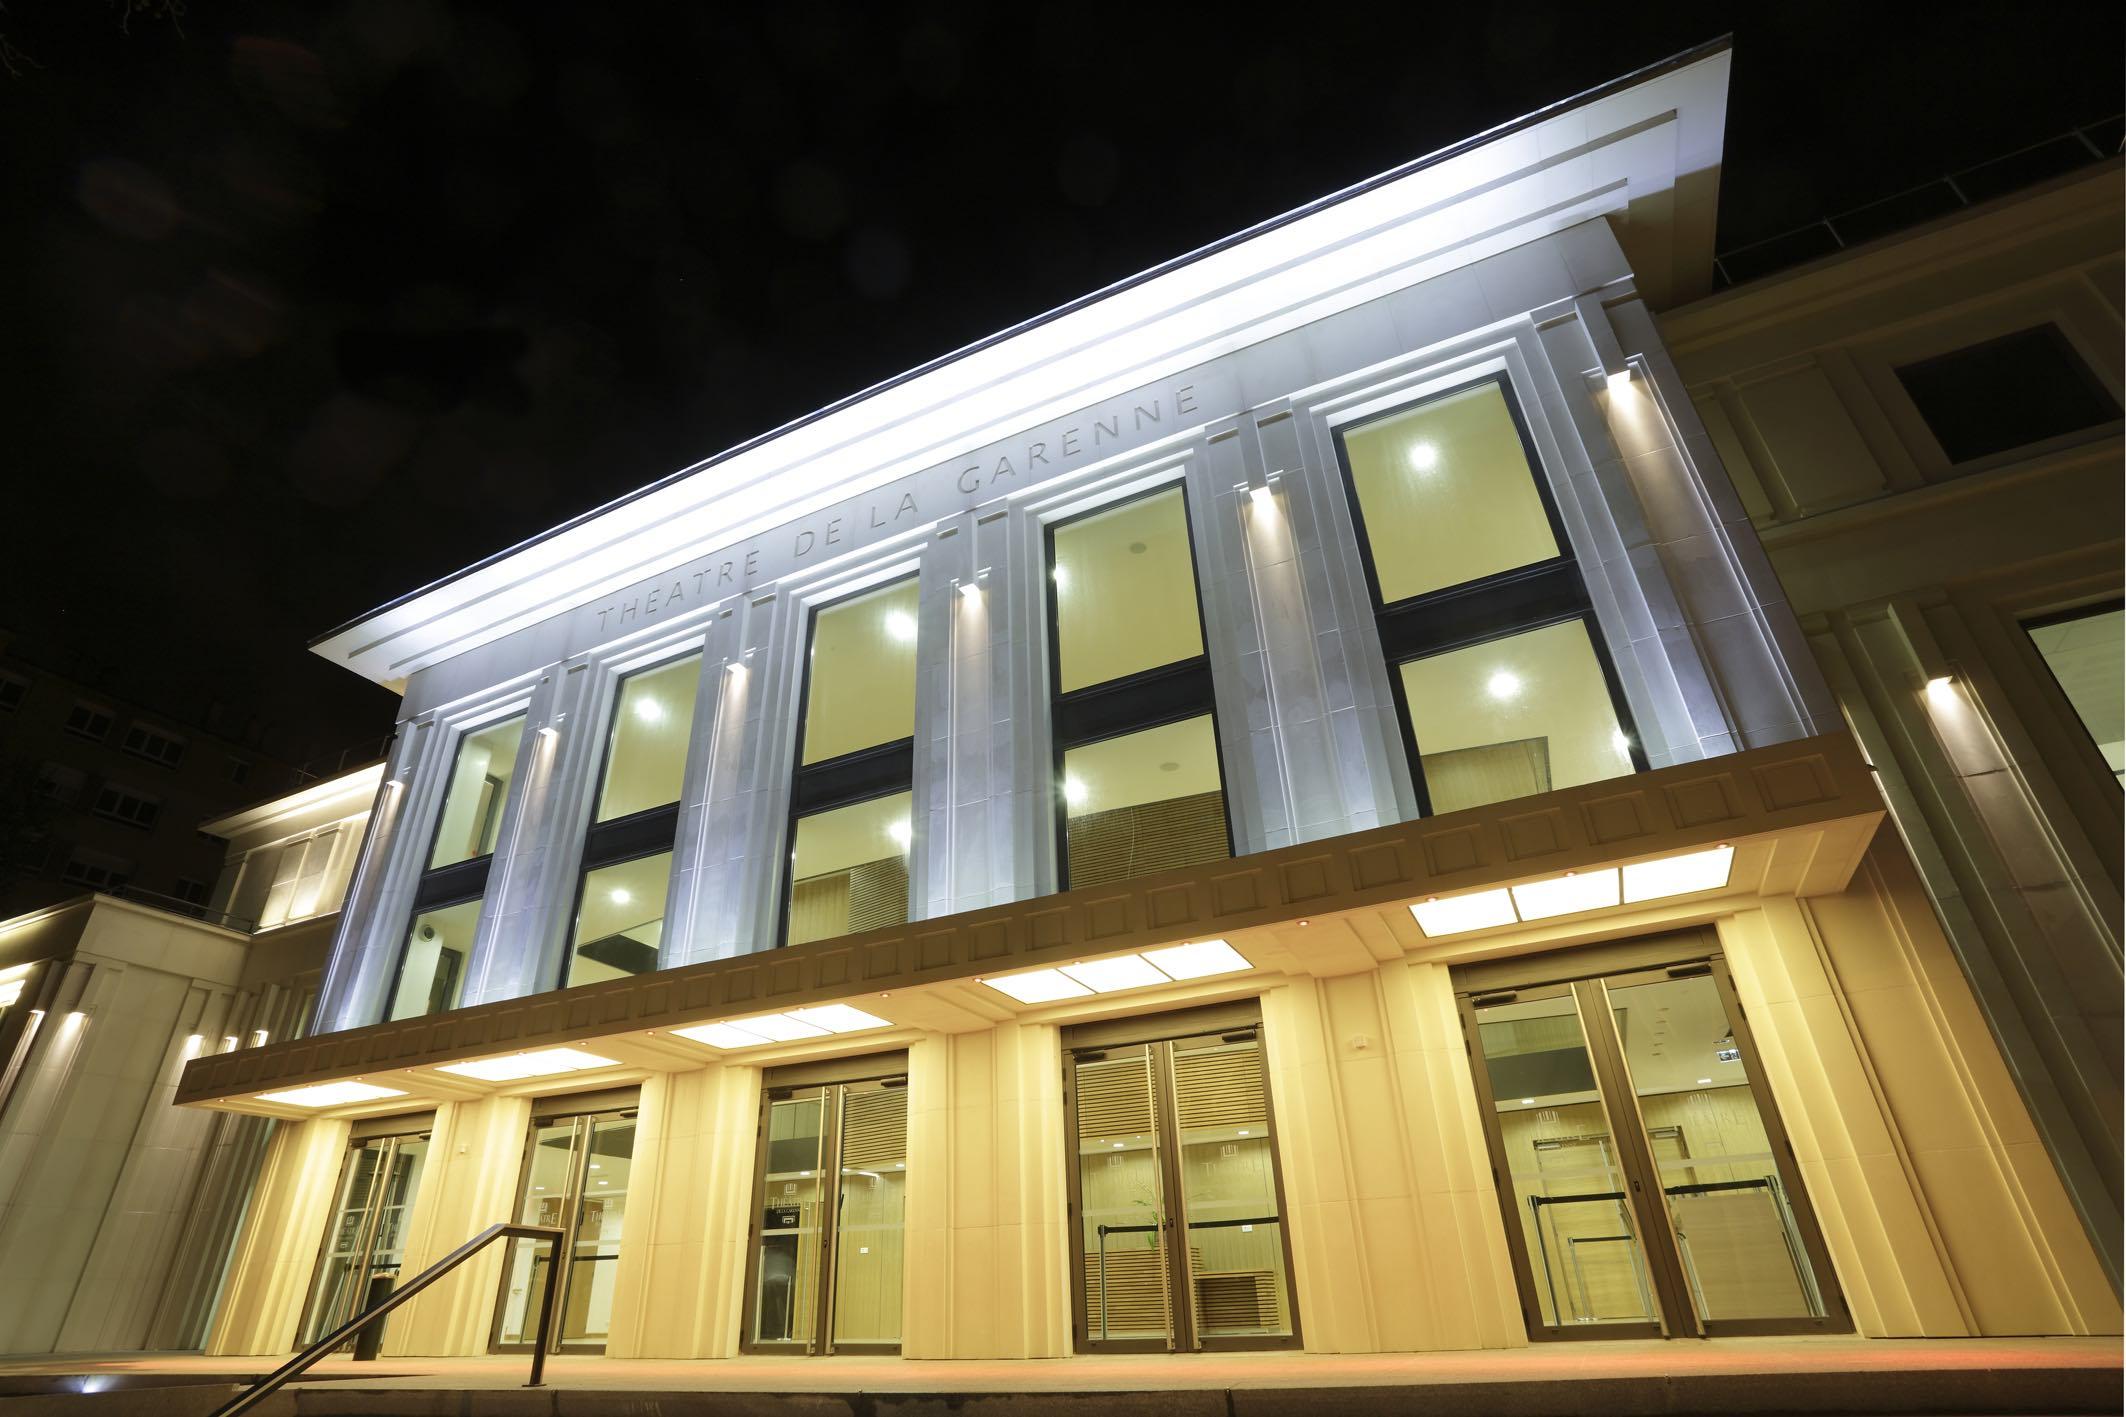 Le théâtre La Garenne accueille 5 pièces nommées aux Molières 2019, prenez date ! (92)